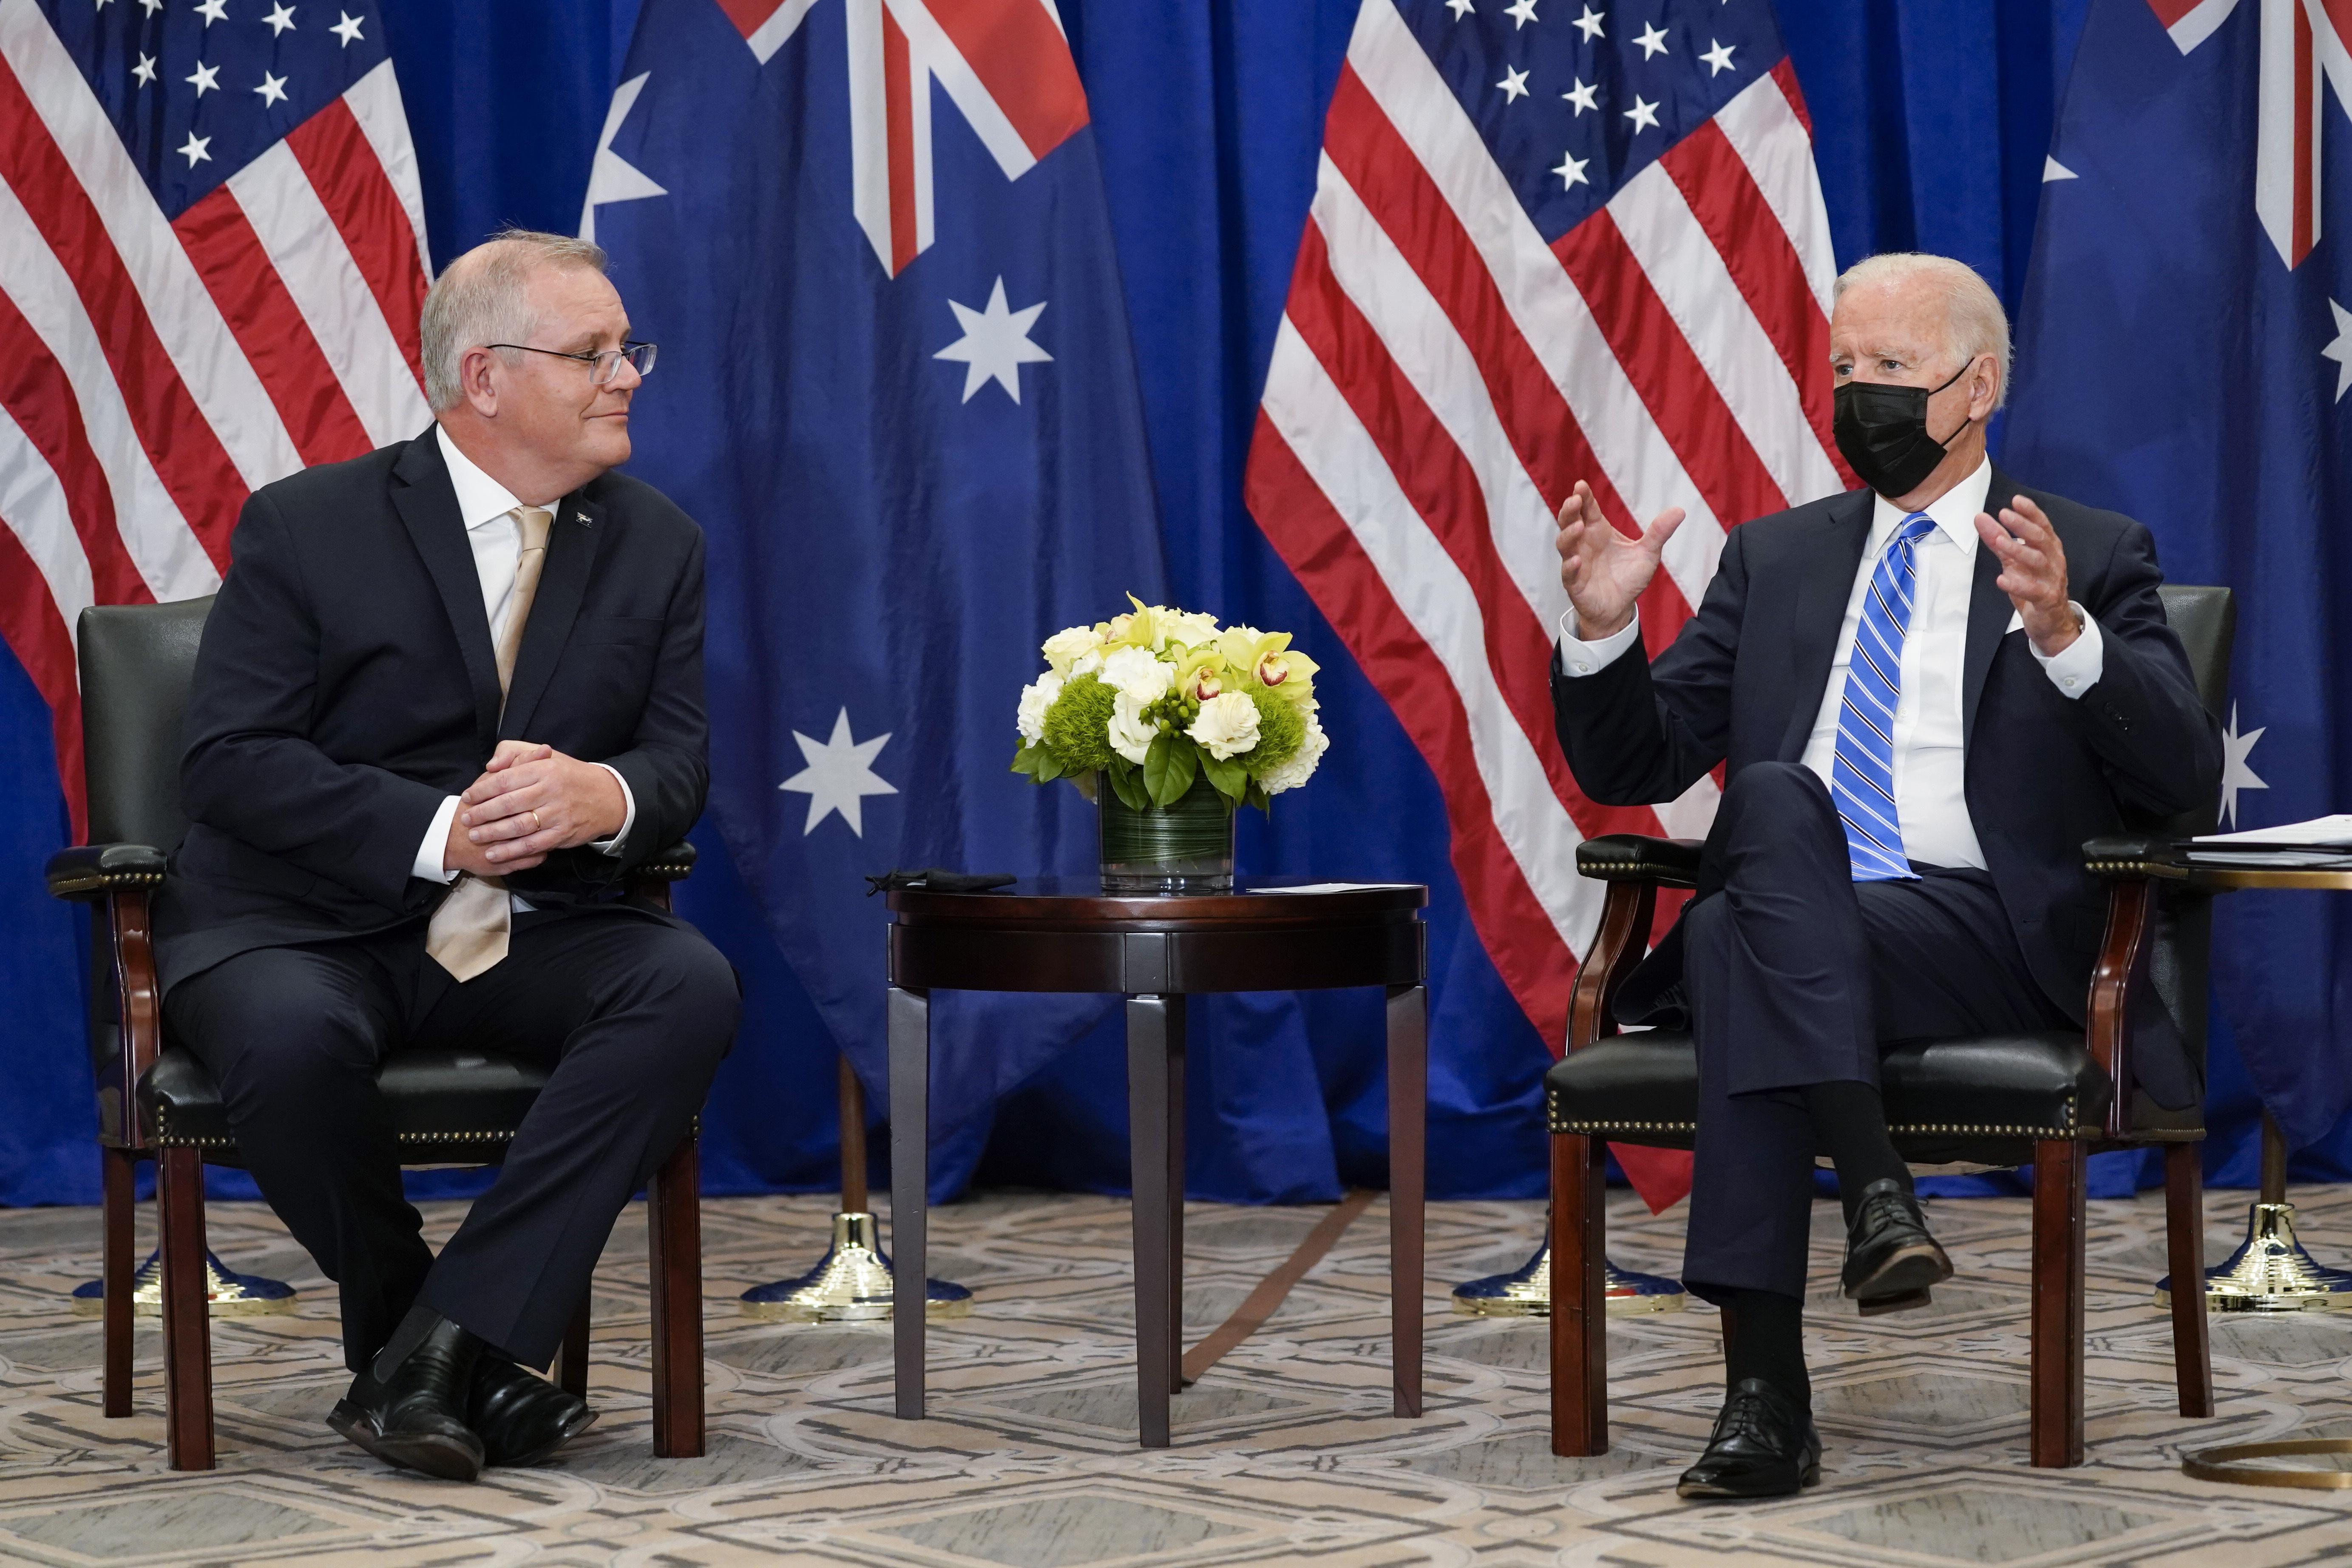 Morrison and Biden meet in New York